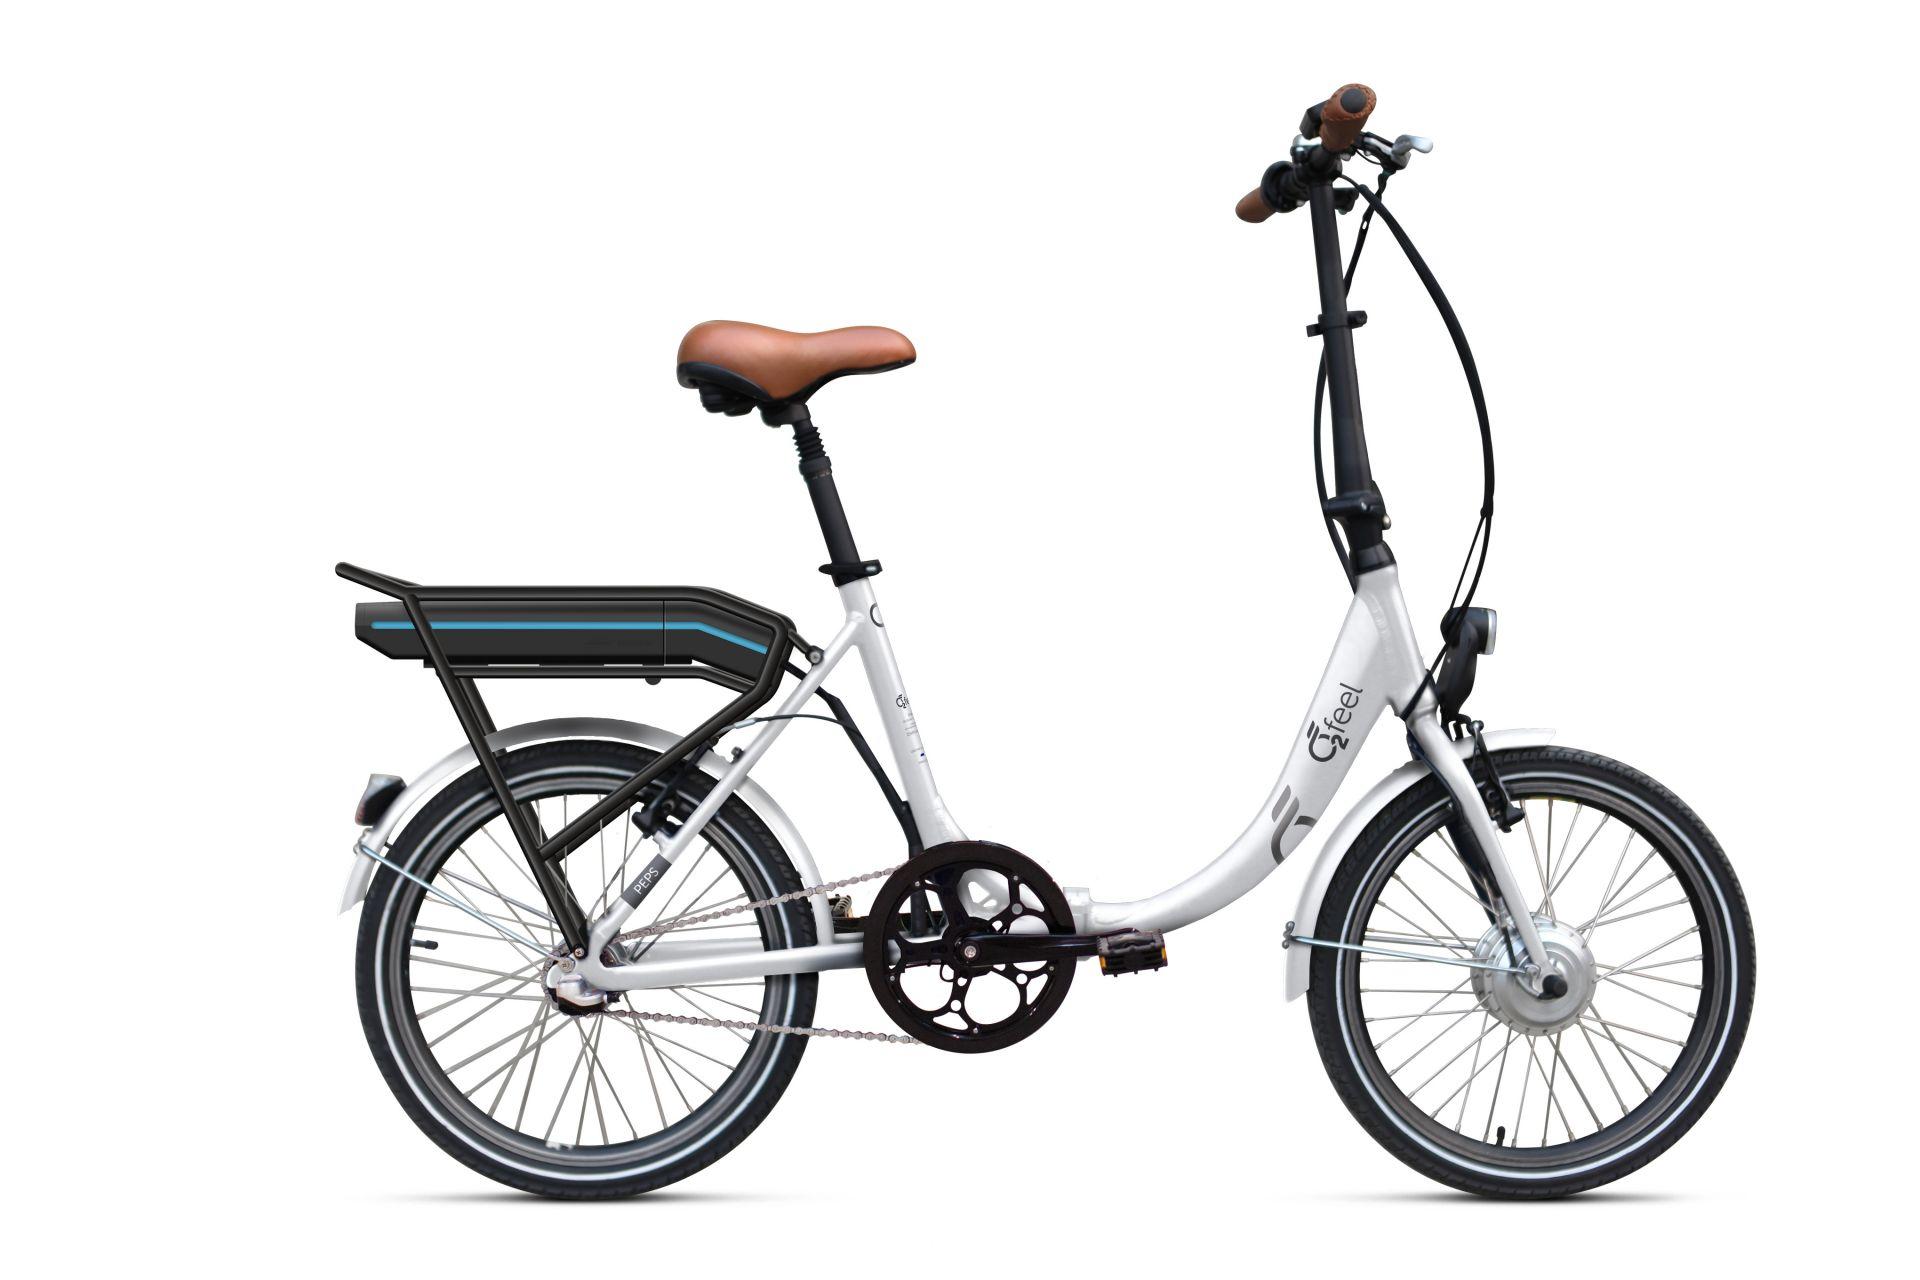 Vélo électrique pliant O2Feel Peps Bas N3 Origin 374 Wh Blanc